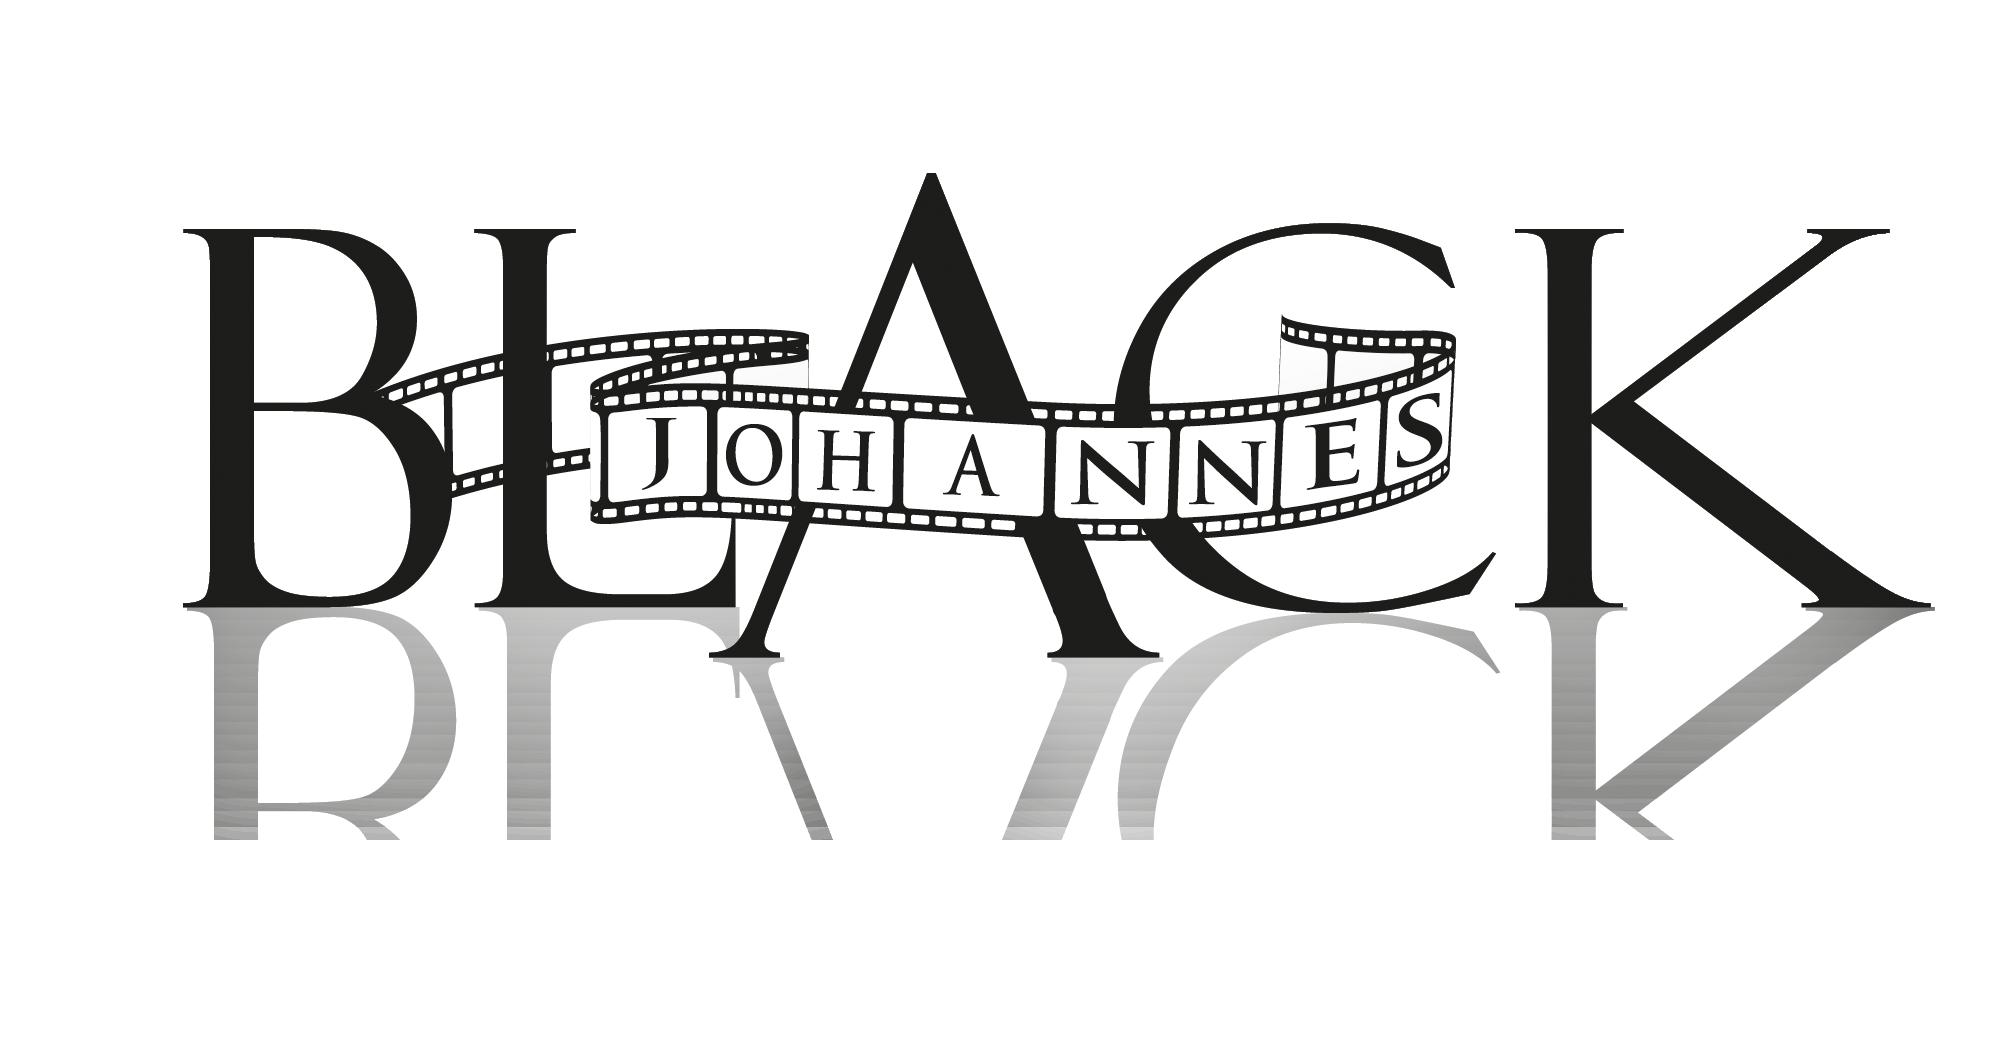 Blackjohannes